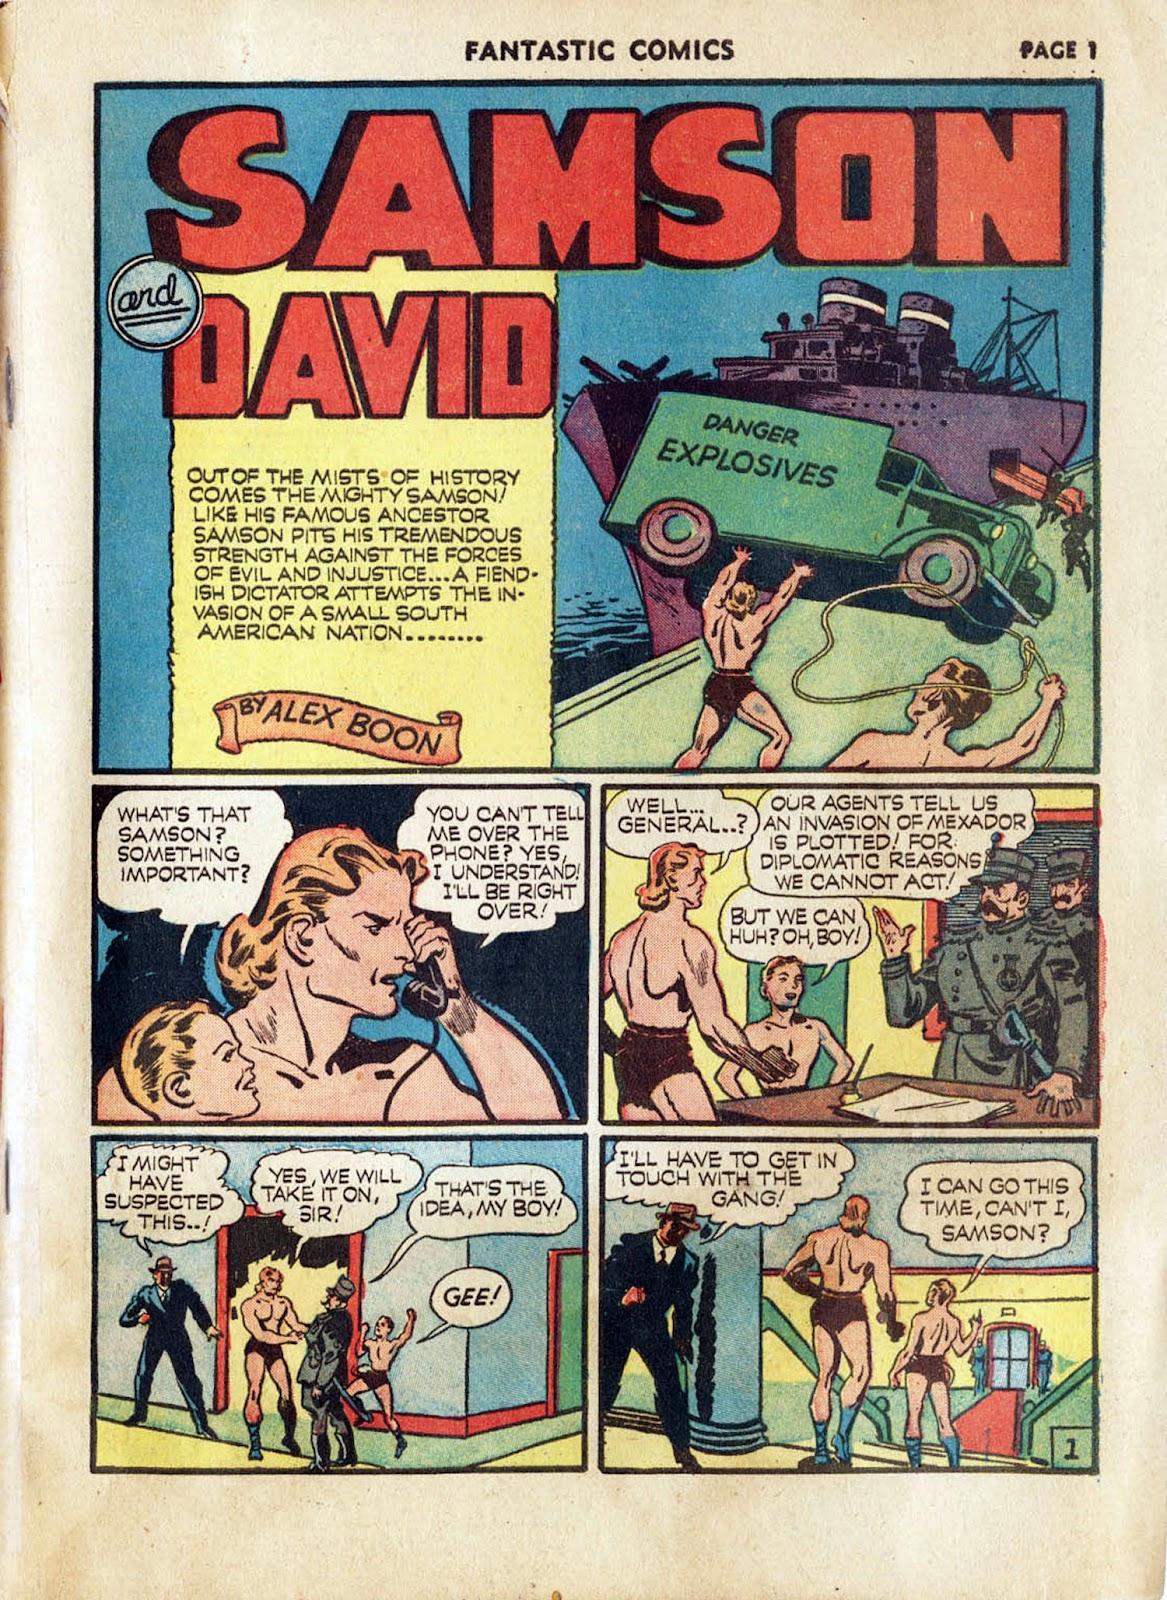 Read online Fantastic Comics comic -  Issue #17 - 3